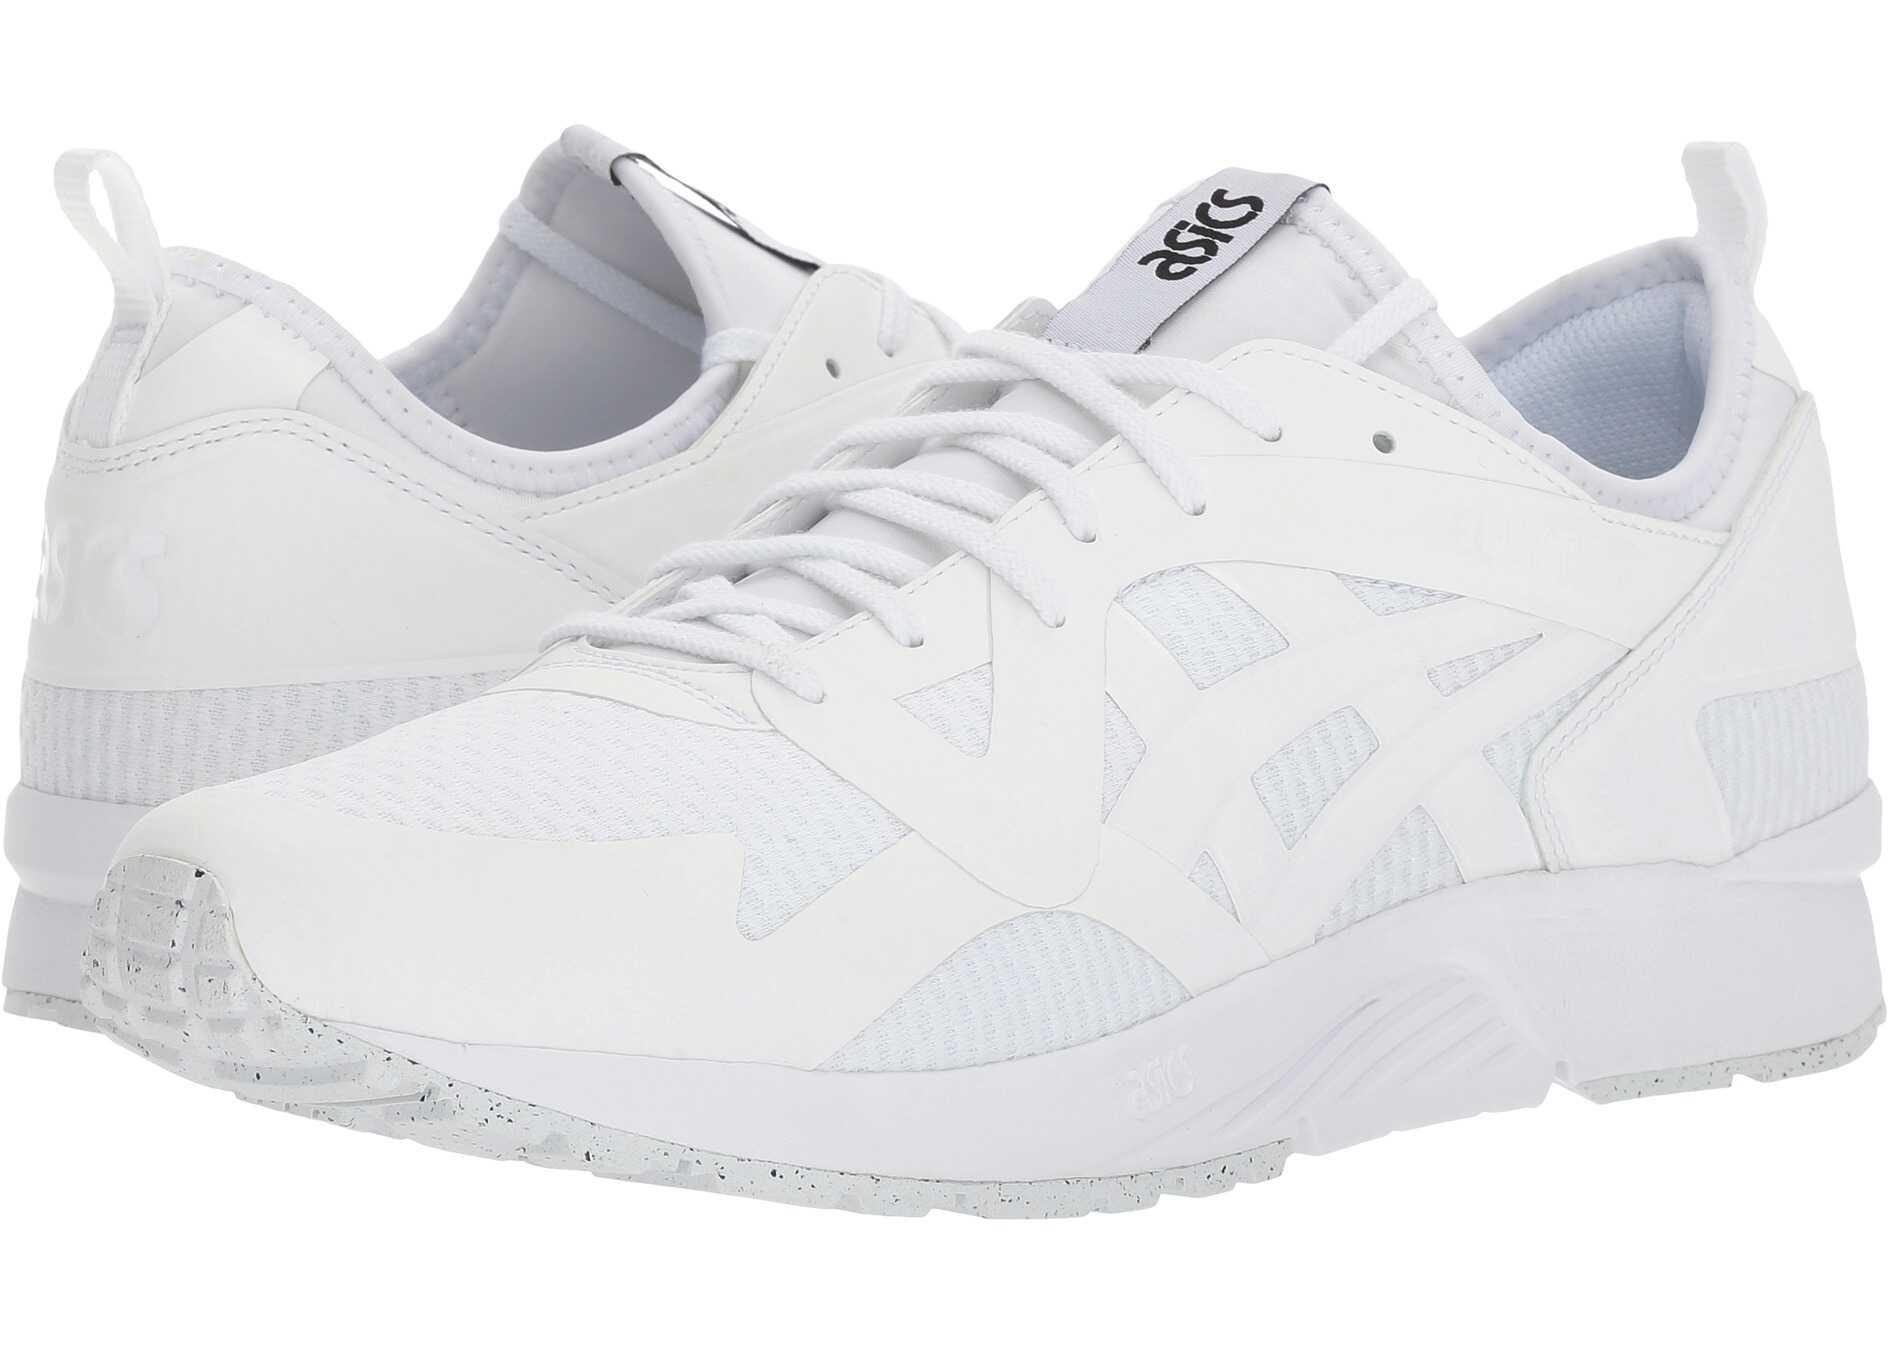 ASICS Tiger Gel-Lyte V NS White/White